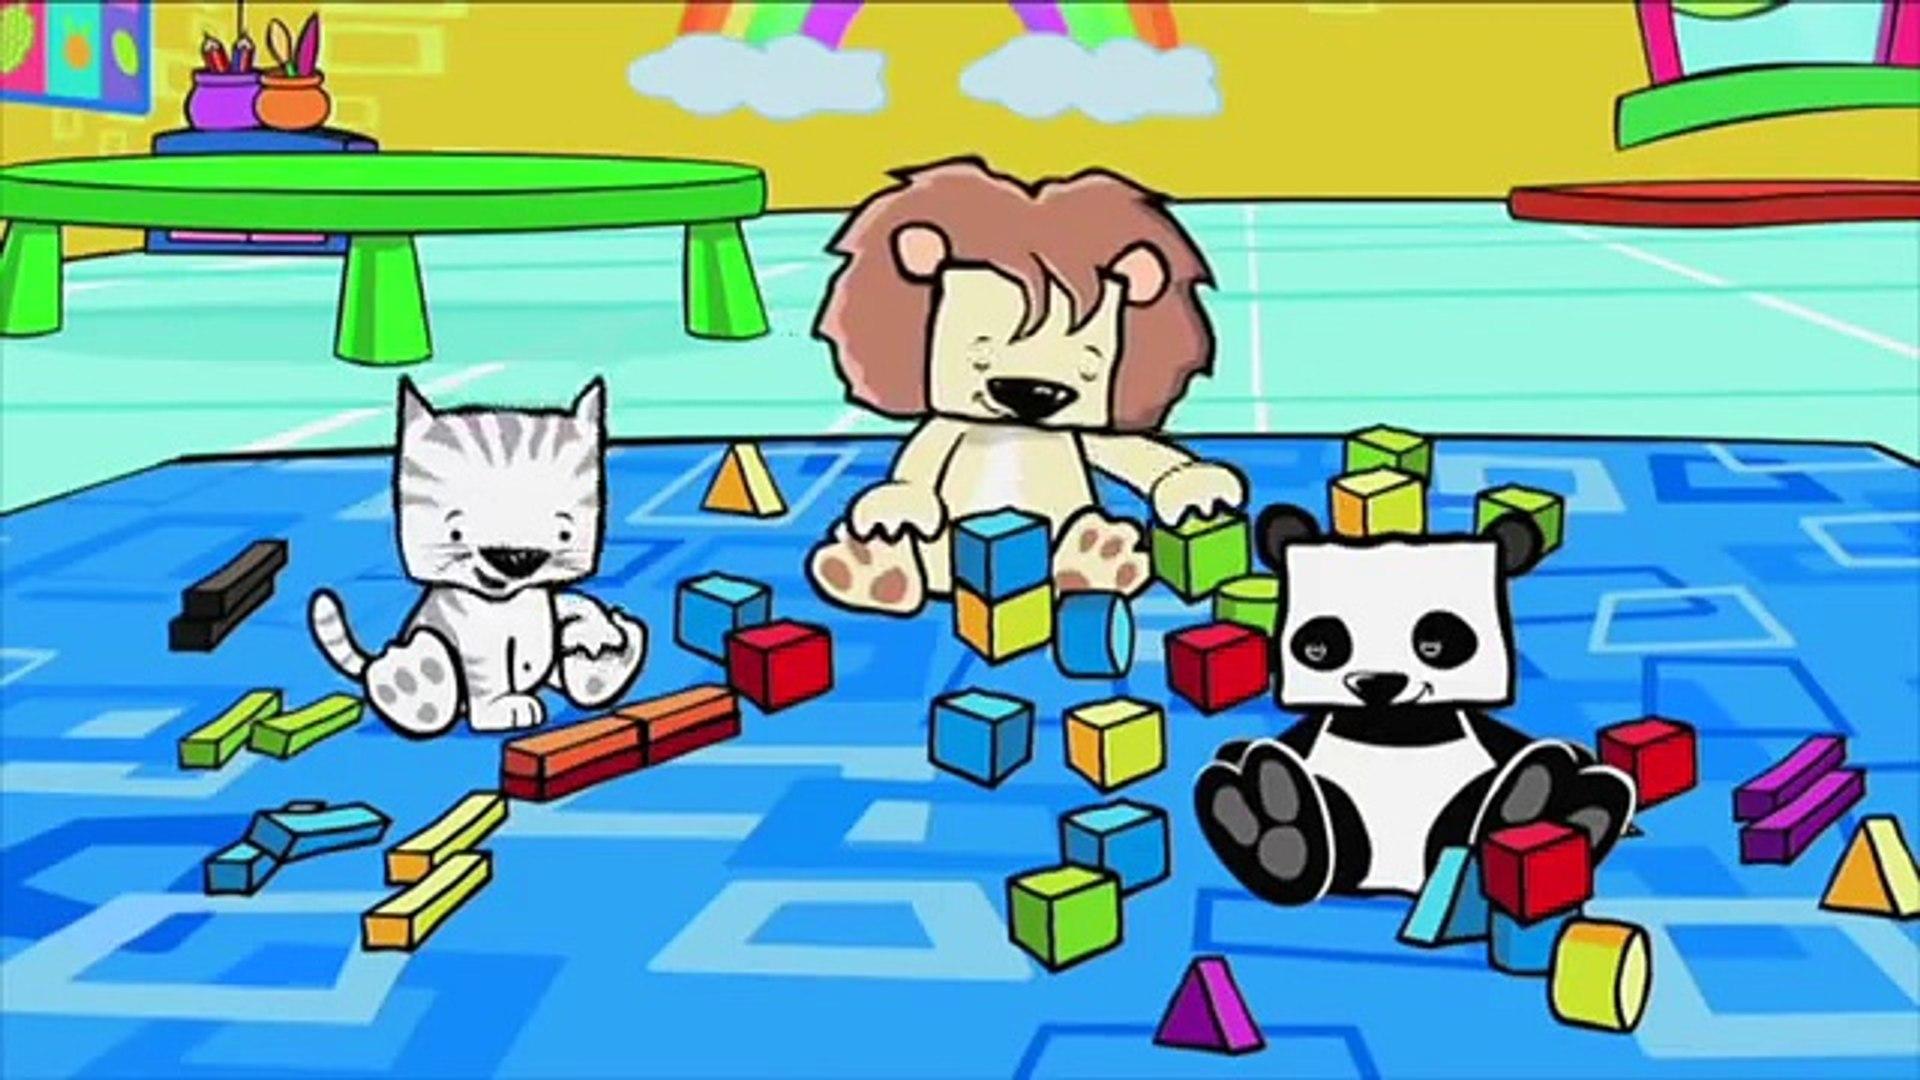 Развивающий мультфильм - Чудо Зверики - Игра в куб